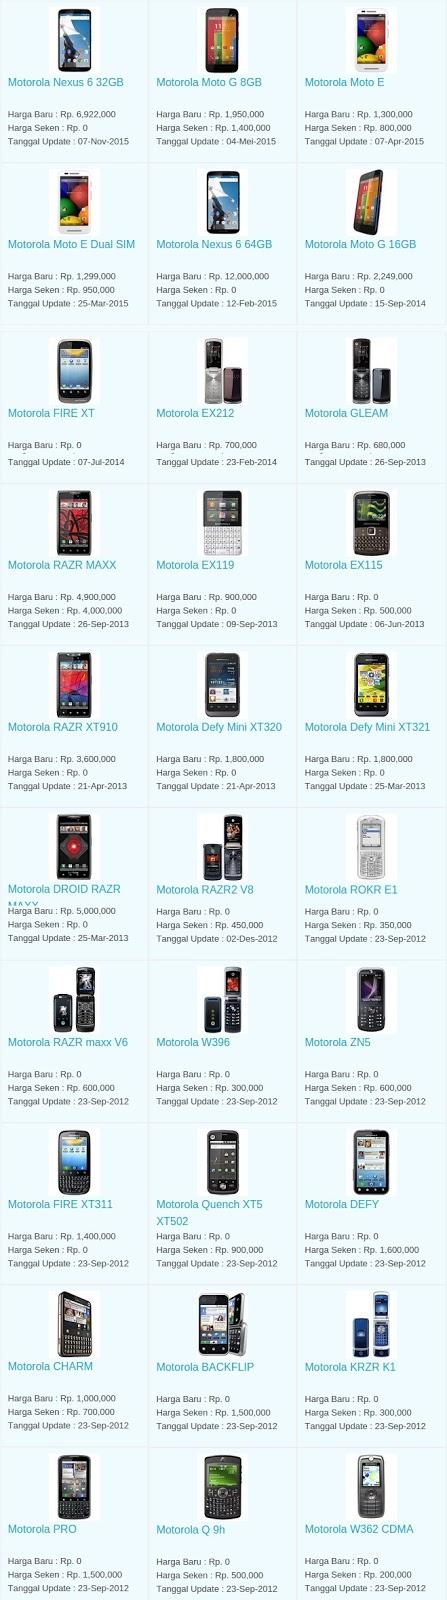 Daftar Harga Terbaru Hp Motorola Maret 2016